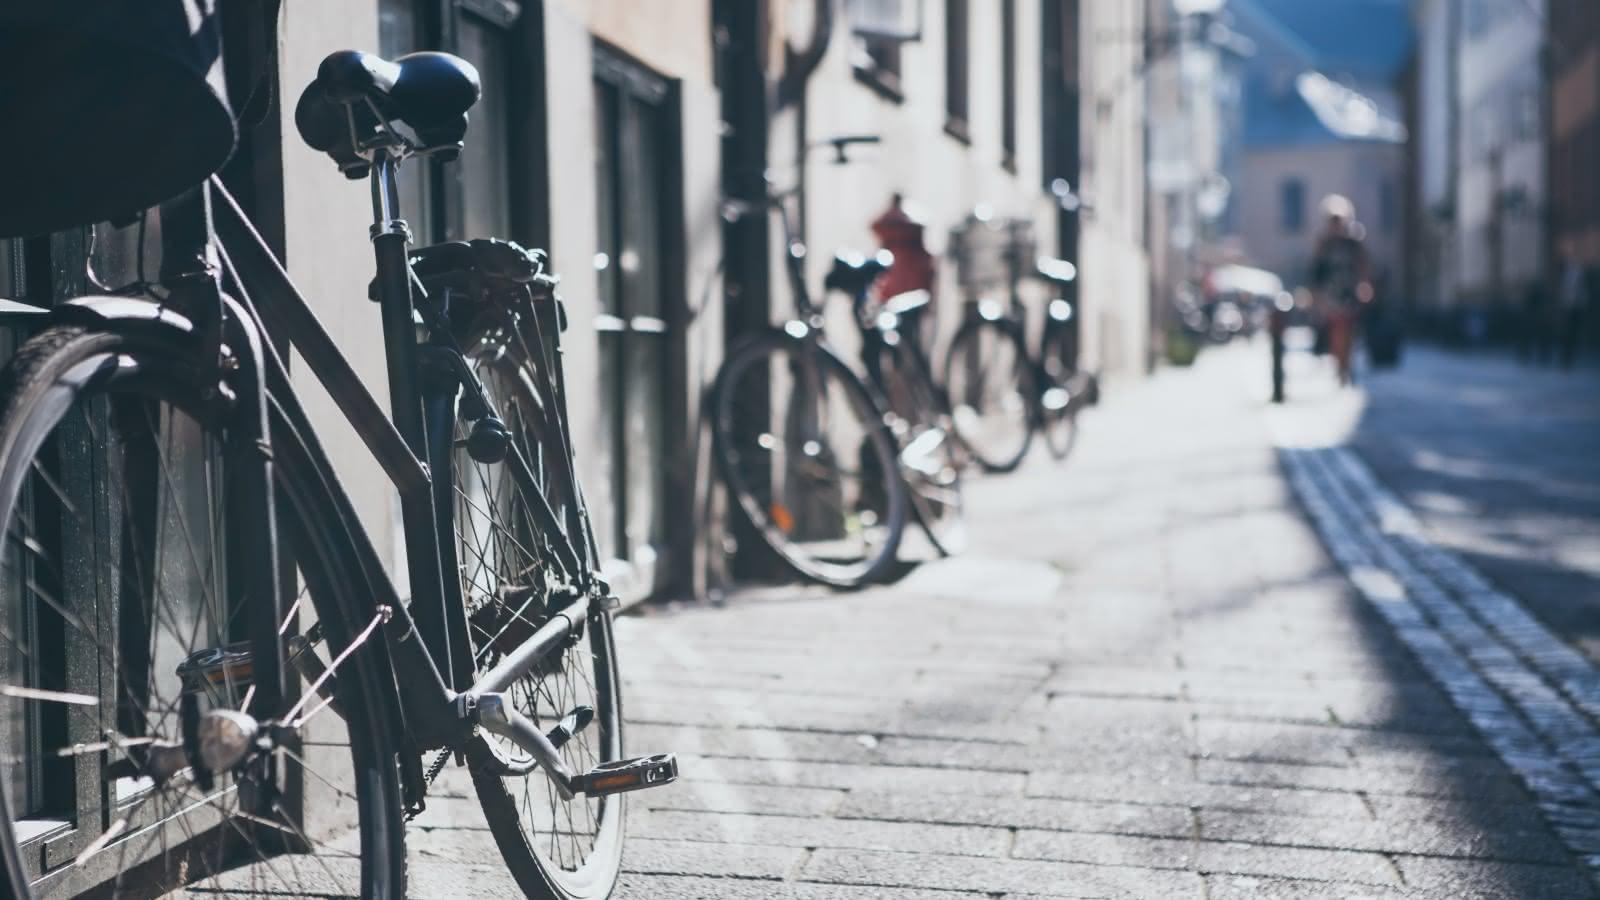 SANDEMANs Copenhagen Private Tours